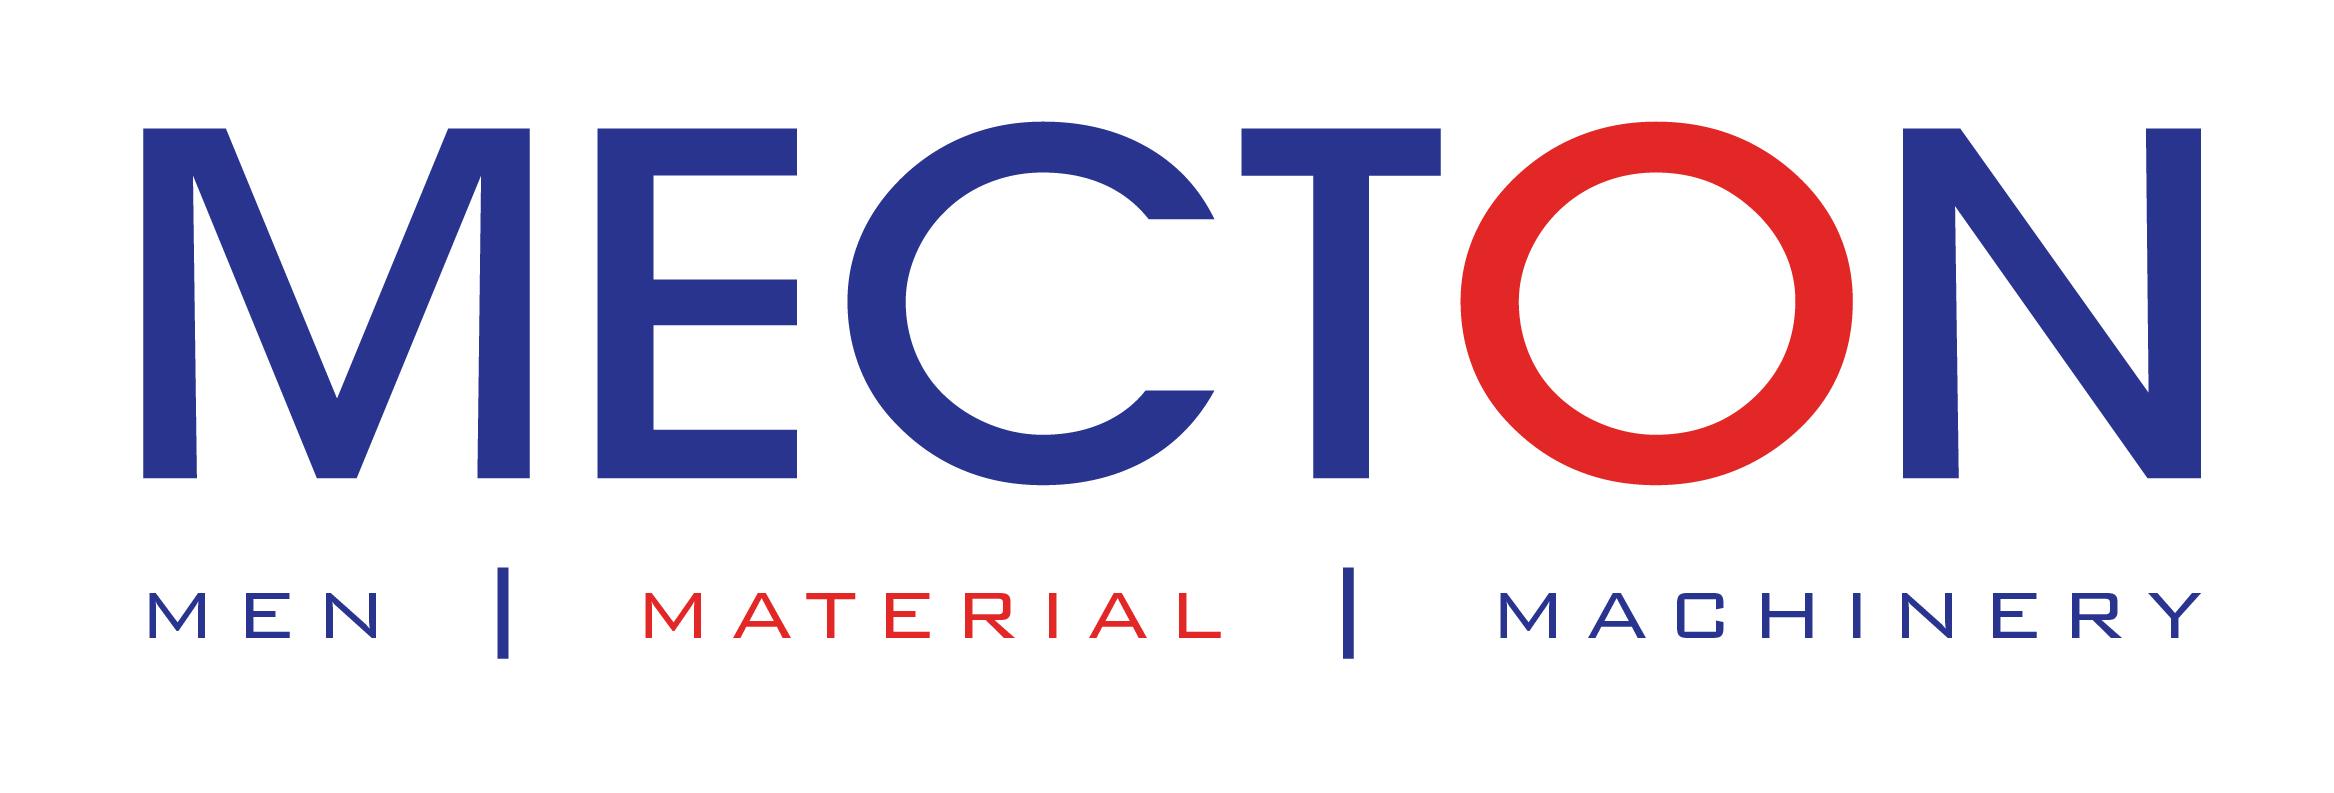 Mecton all logos-04